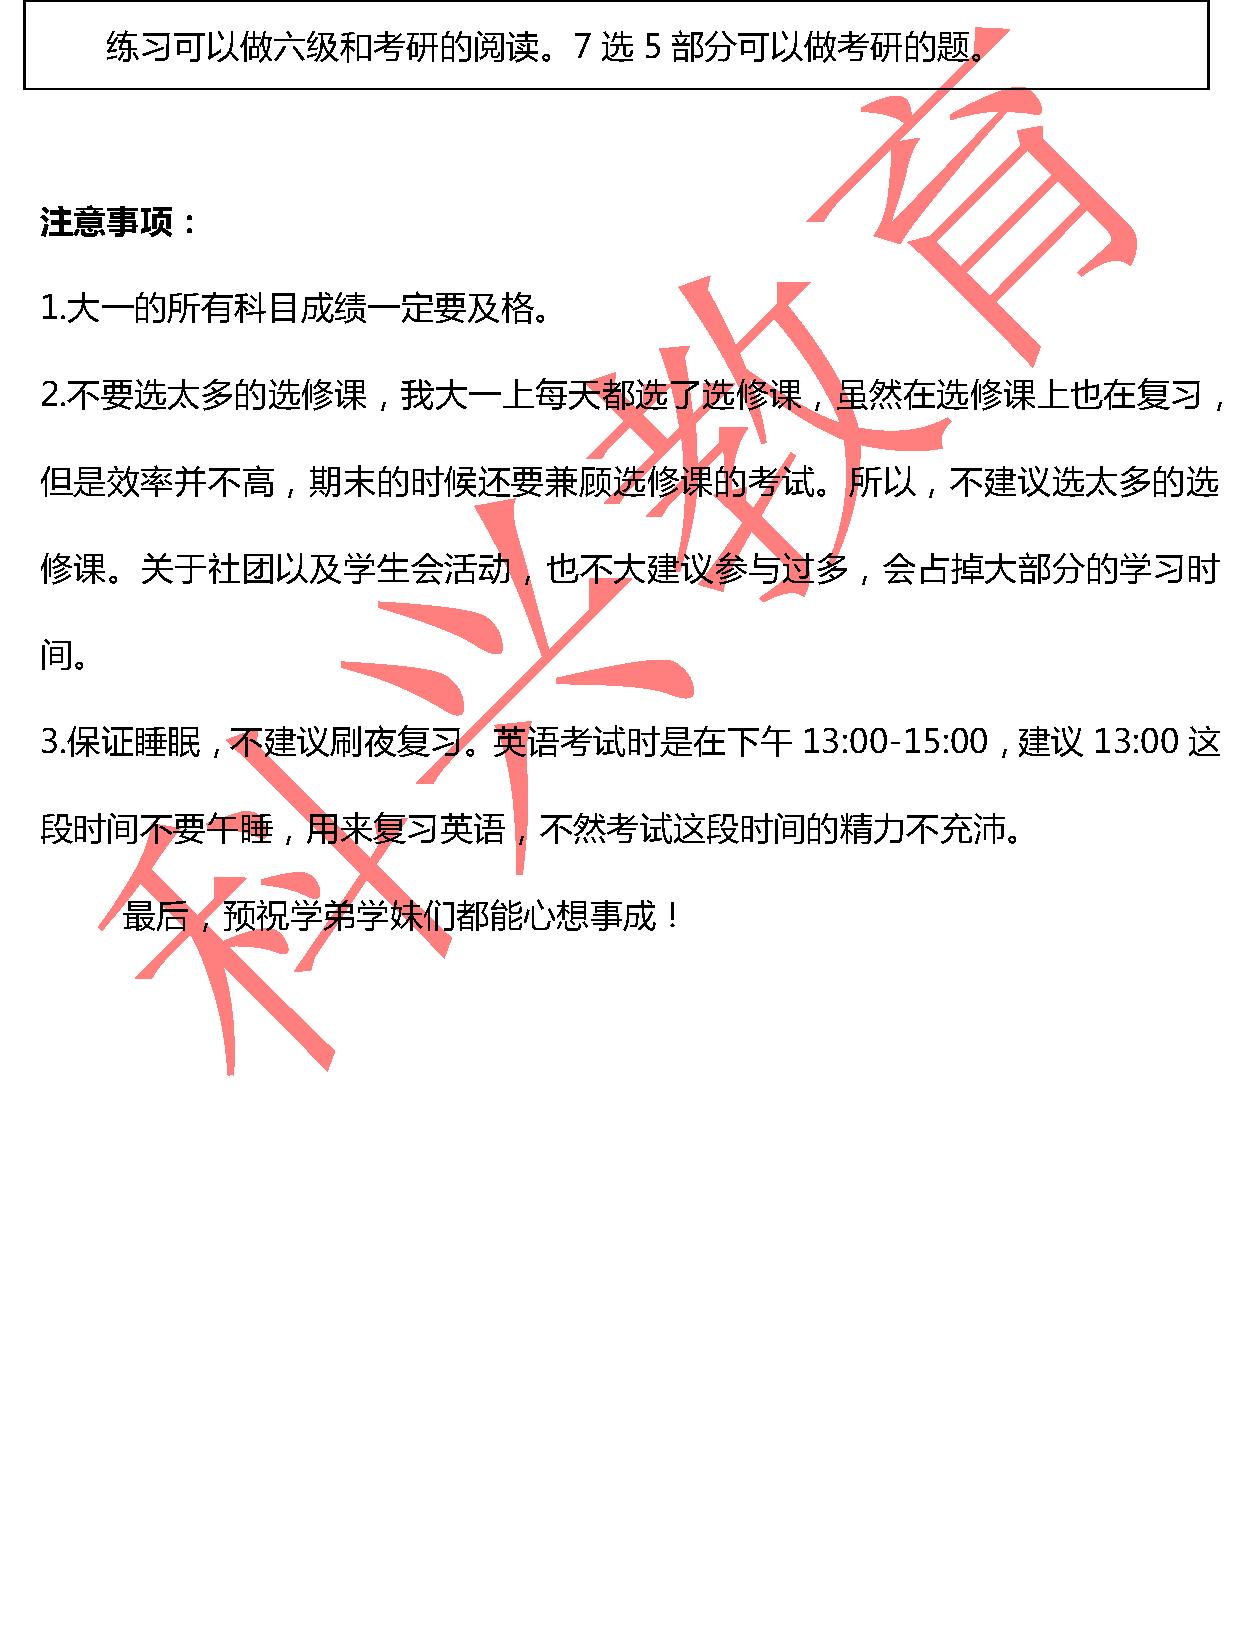 交大王子嫣:此心安处(18届)